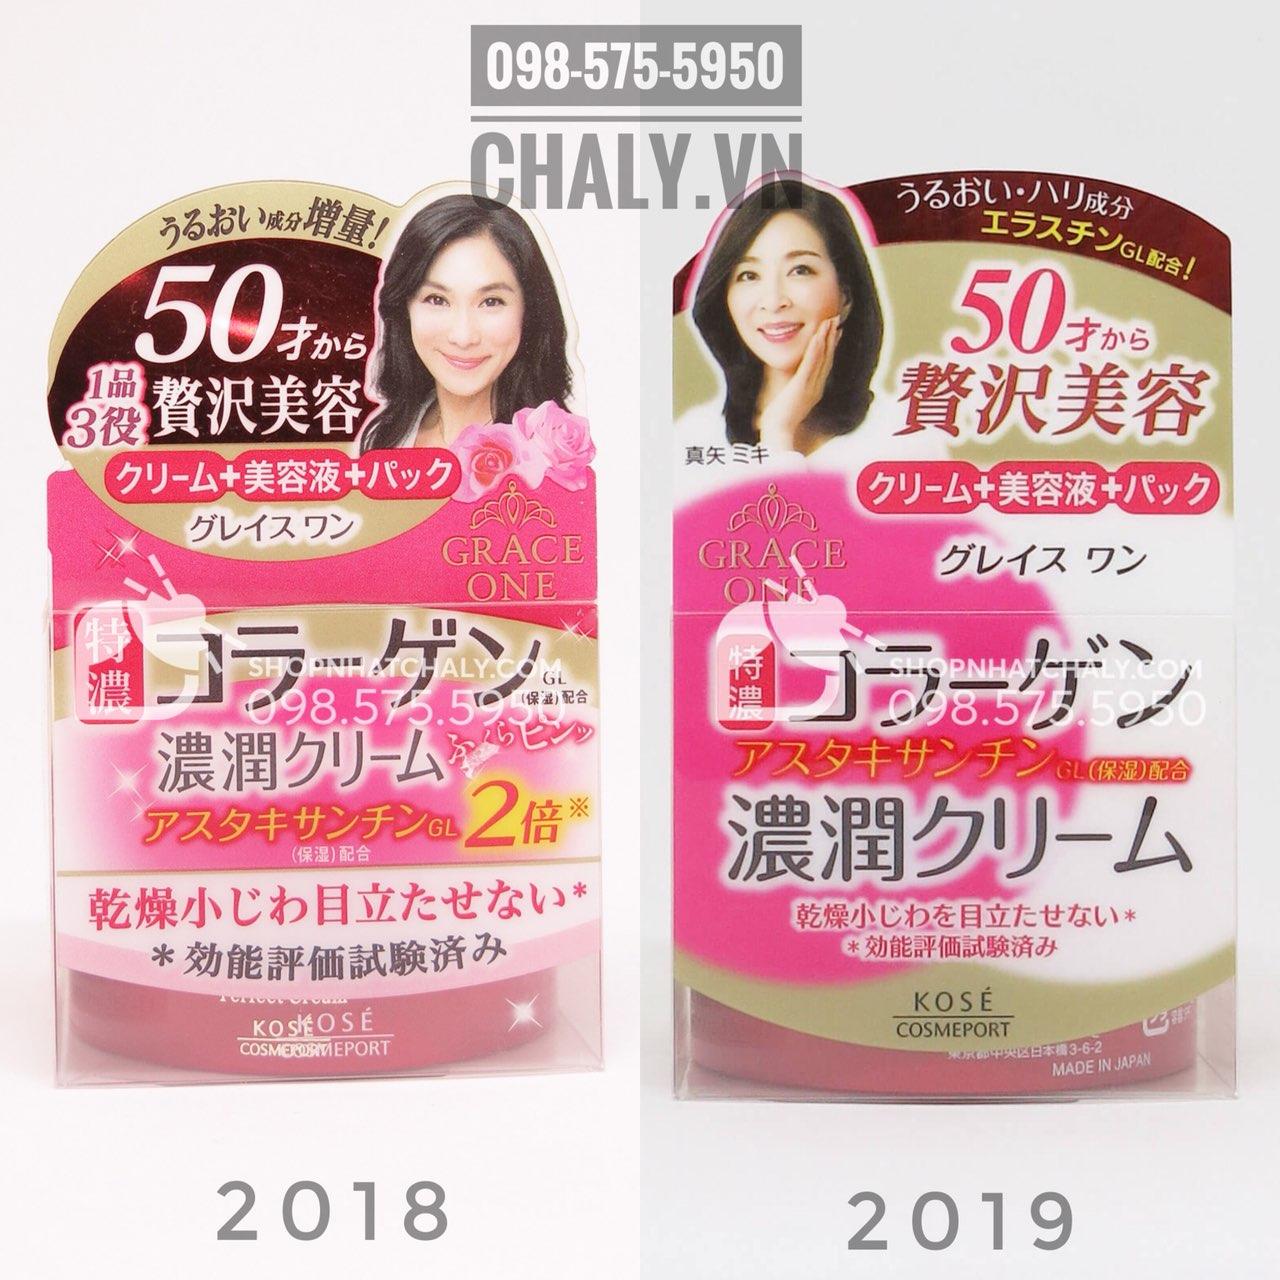 Kem dưỡng da cho người lớn tuổi kem grace one màu đỏ giảm nhăn da hiệu quả mẫu mới nhất 2019